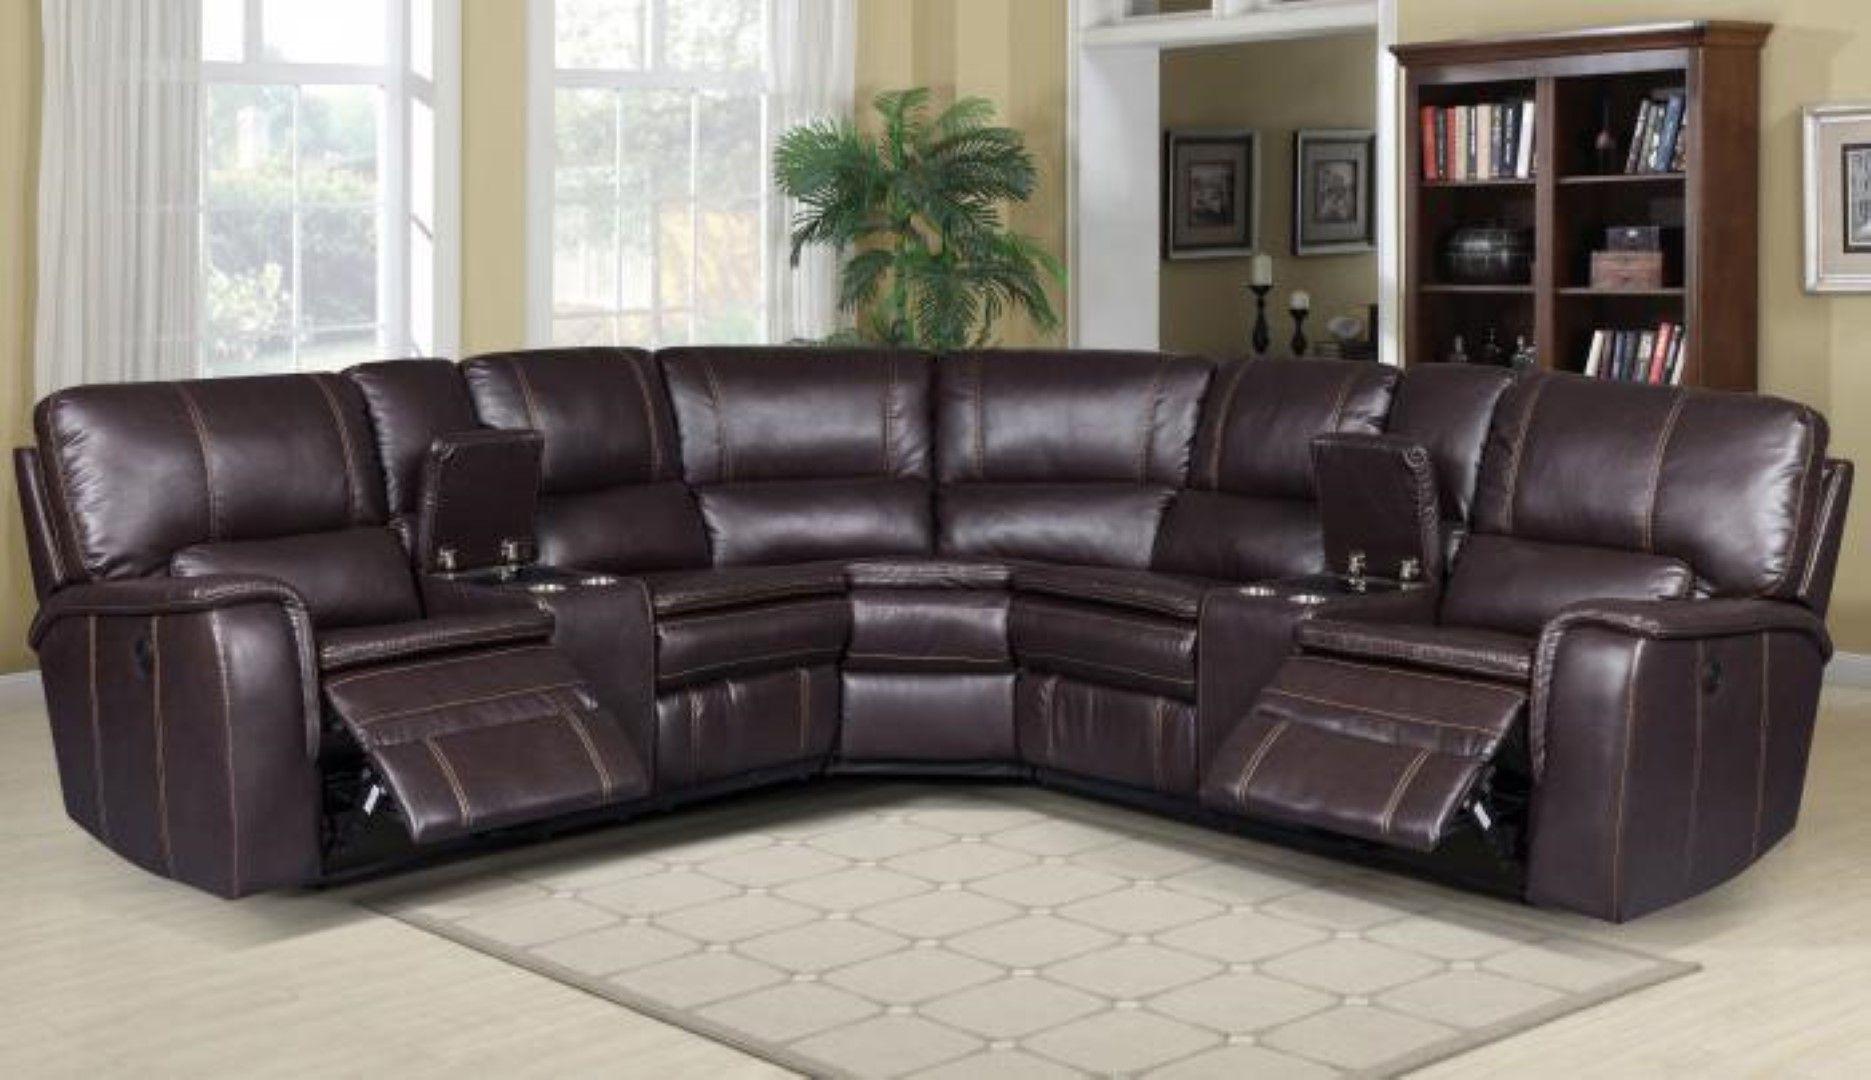 Belair brown 3 piece power reclining sectional reclining